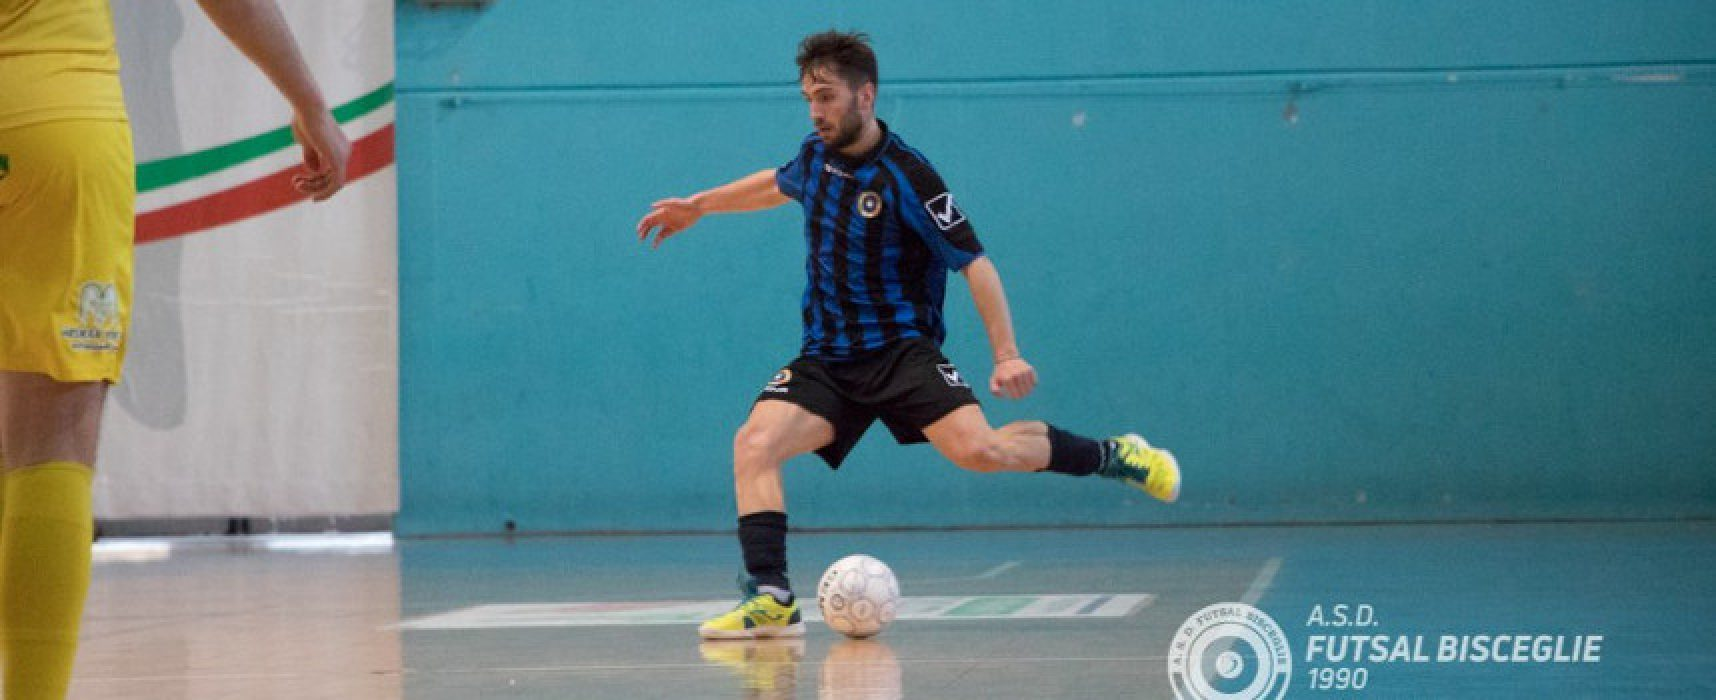 Il Futsal Bisceglie saluta l'A2 con una vittoria